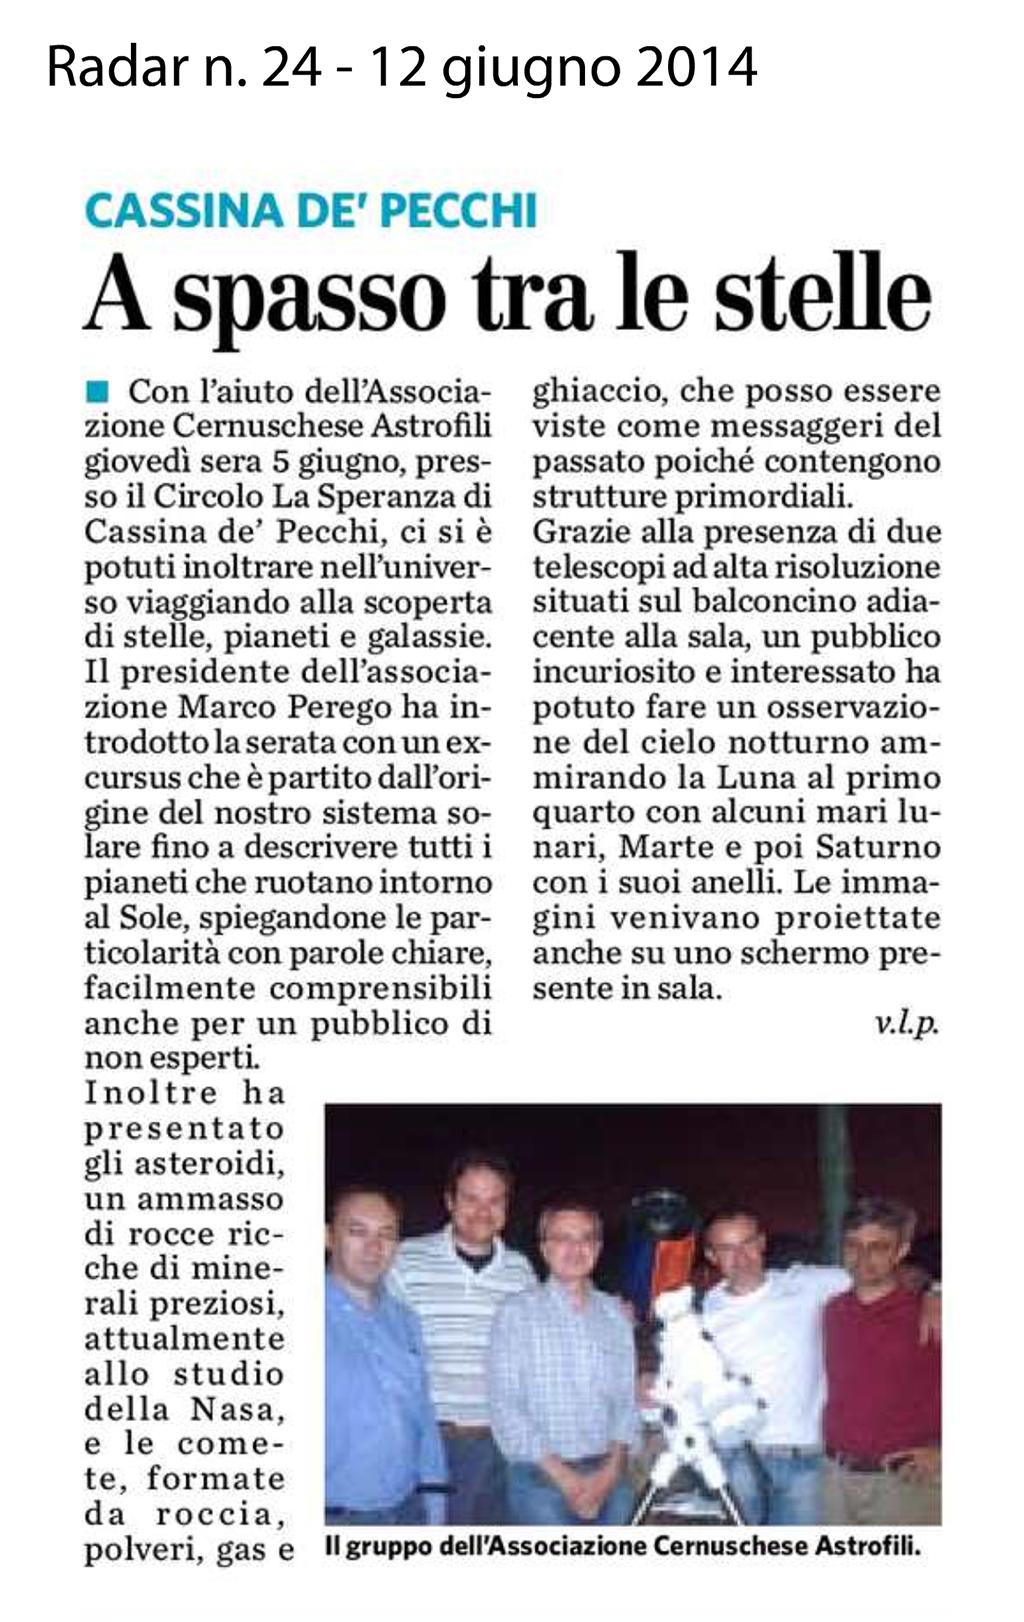 Resoconto della serata svolta a Cassina de' Pecchi il 5 giugno 2014  (da Radar n. 24 del 12.6.2014)